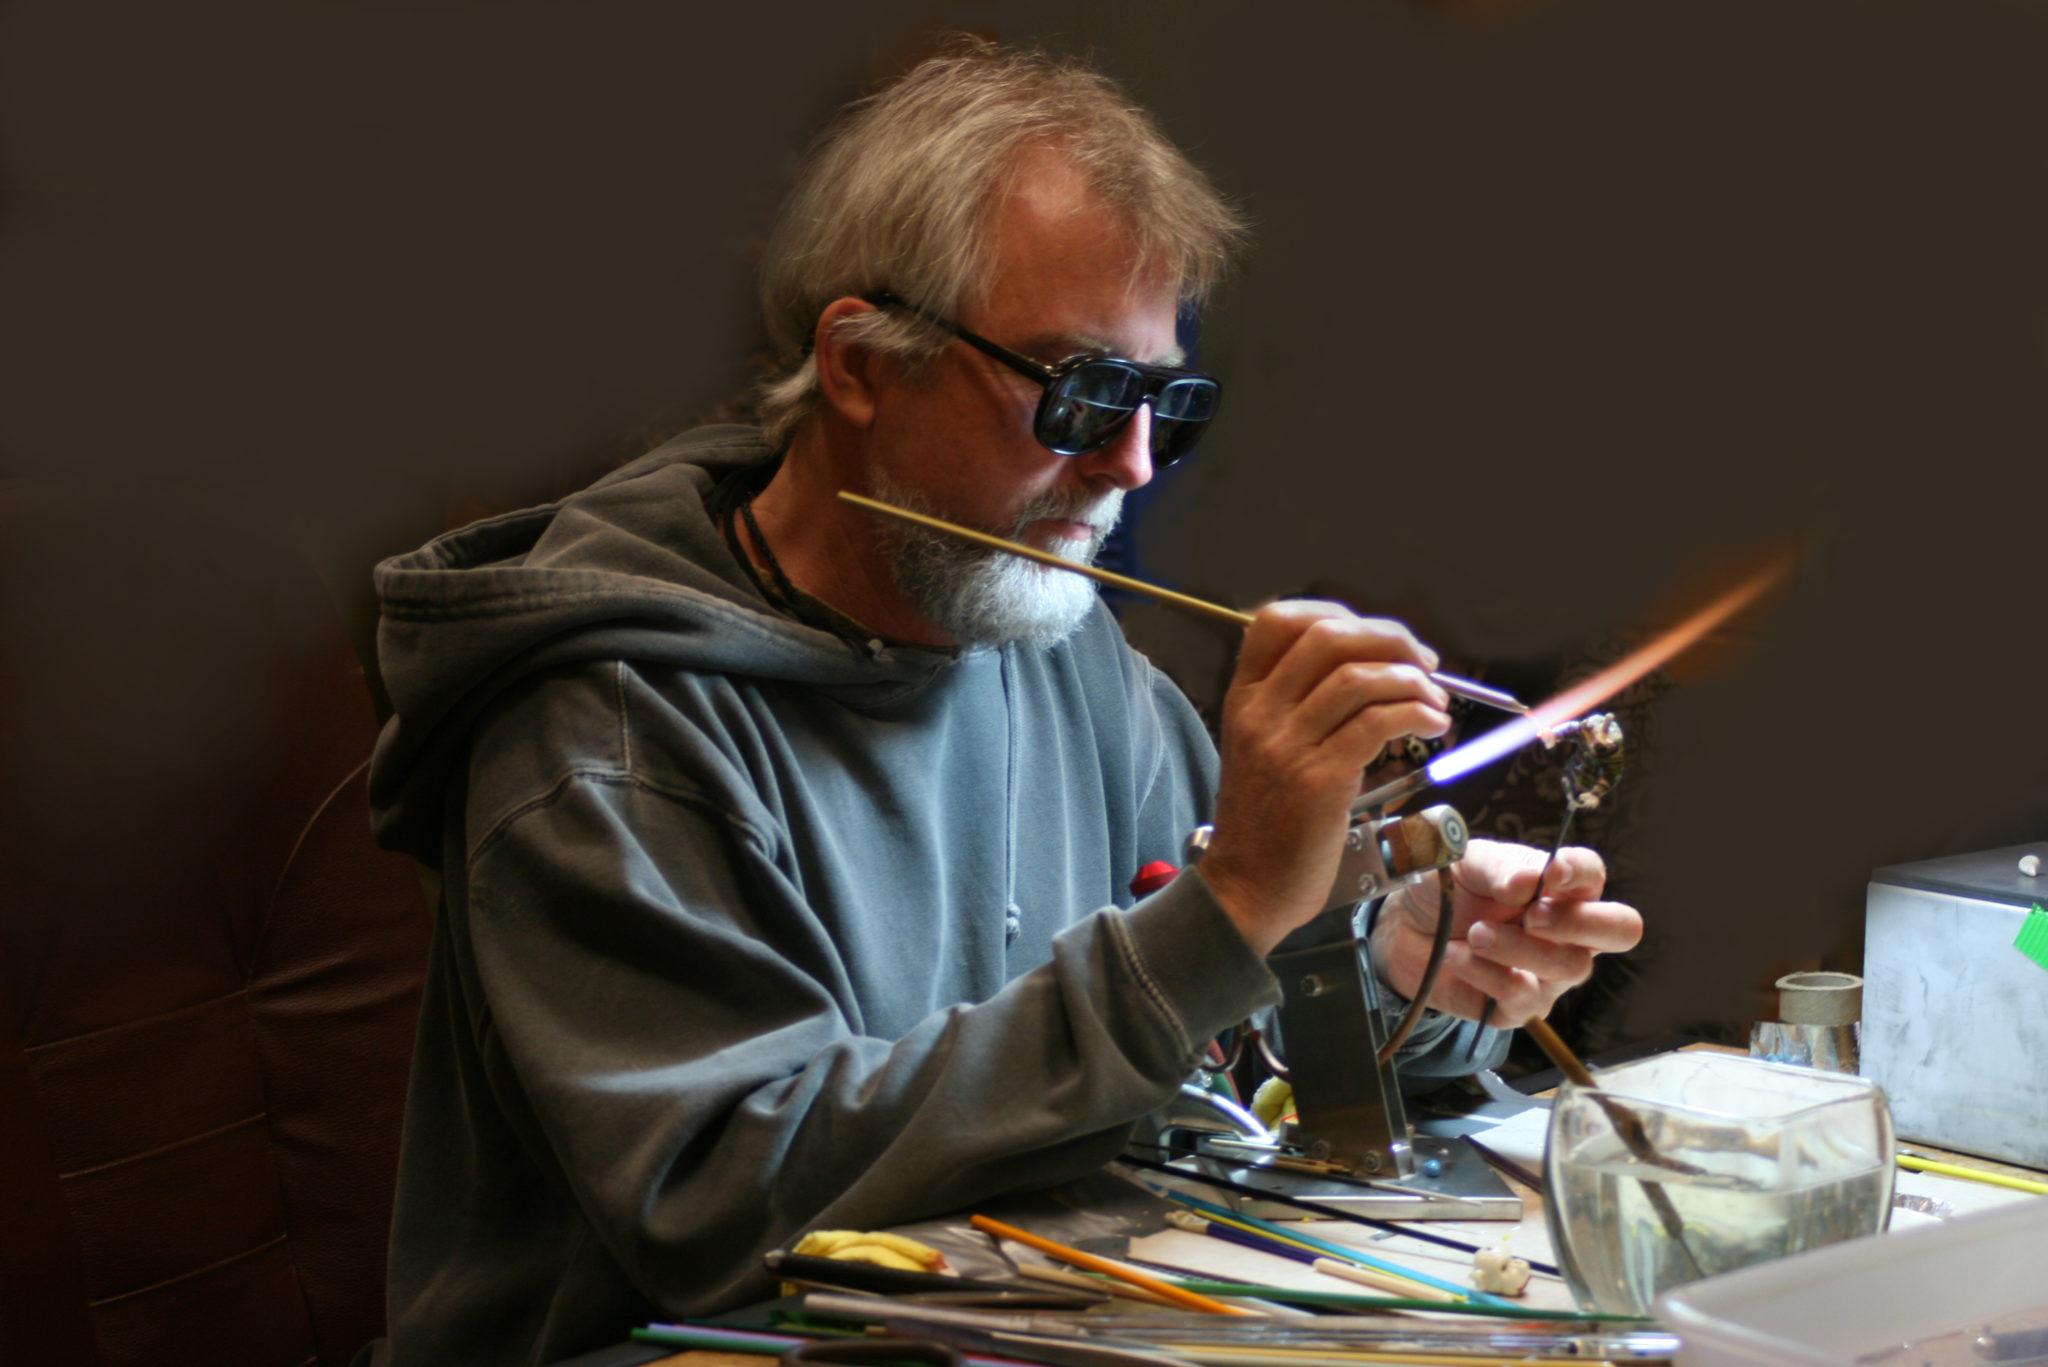 Wayne Robbins at work